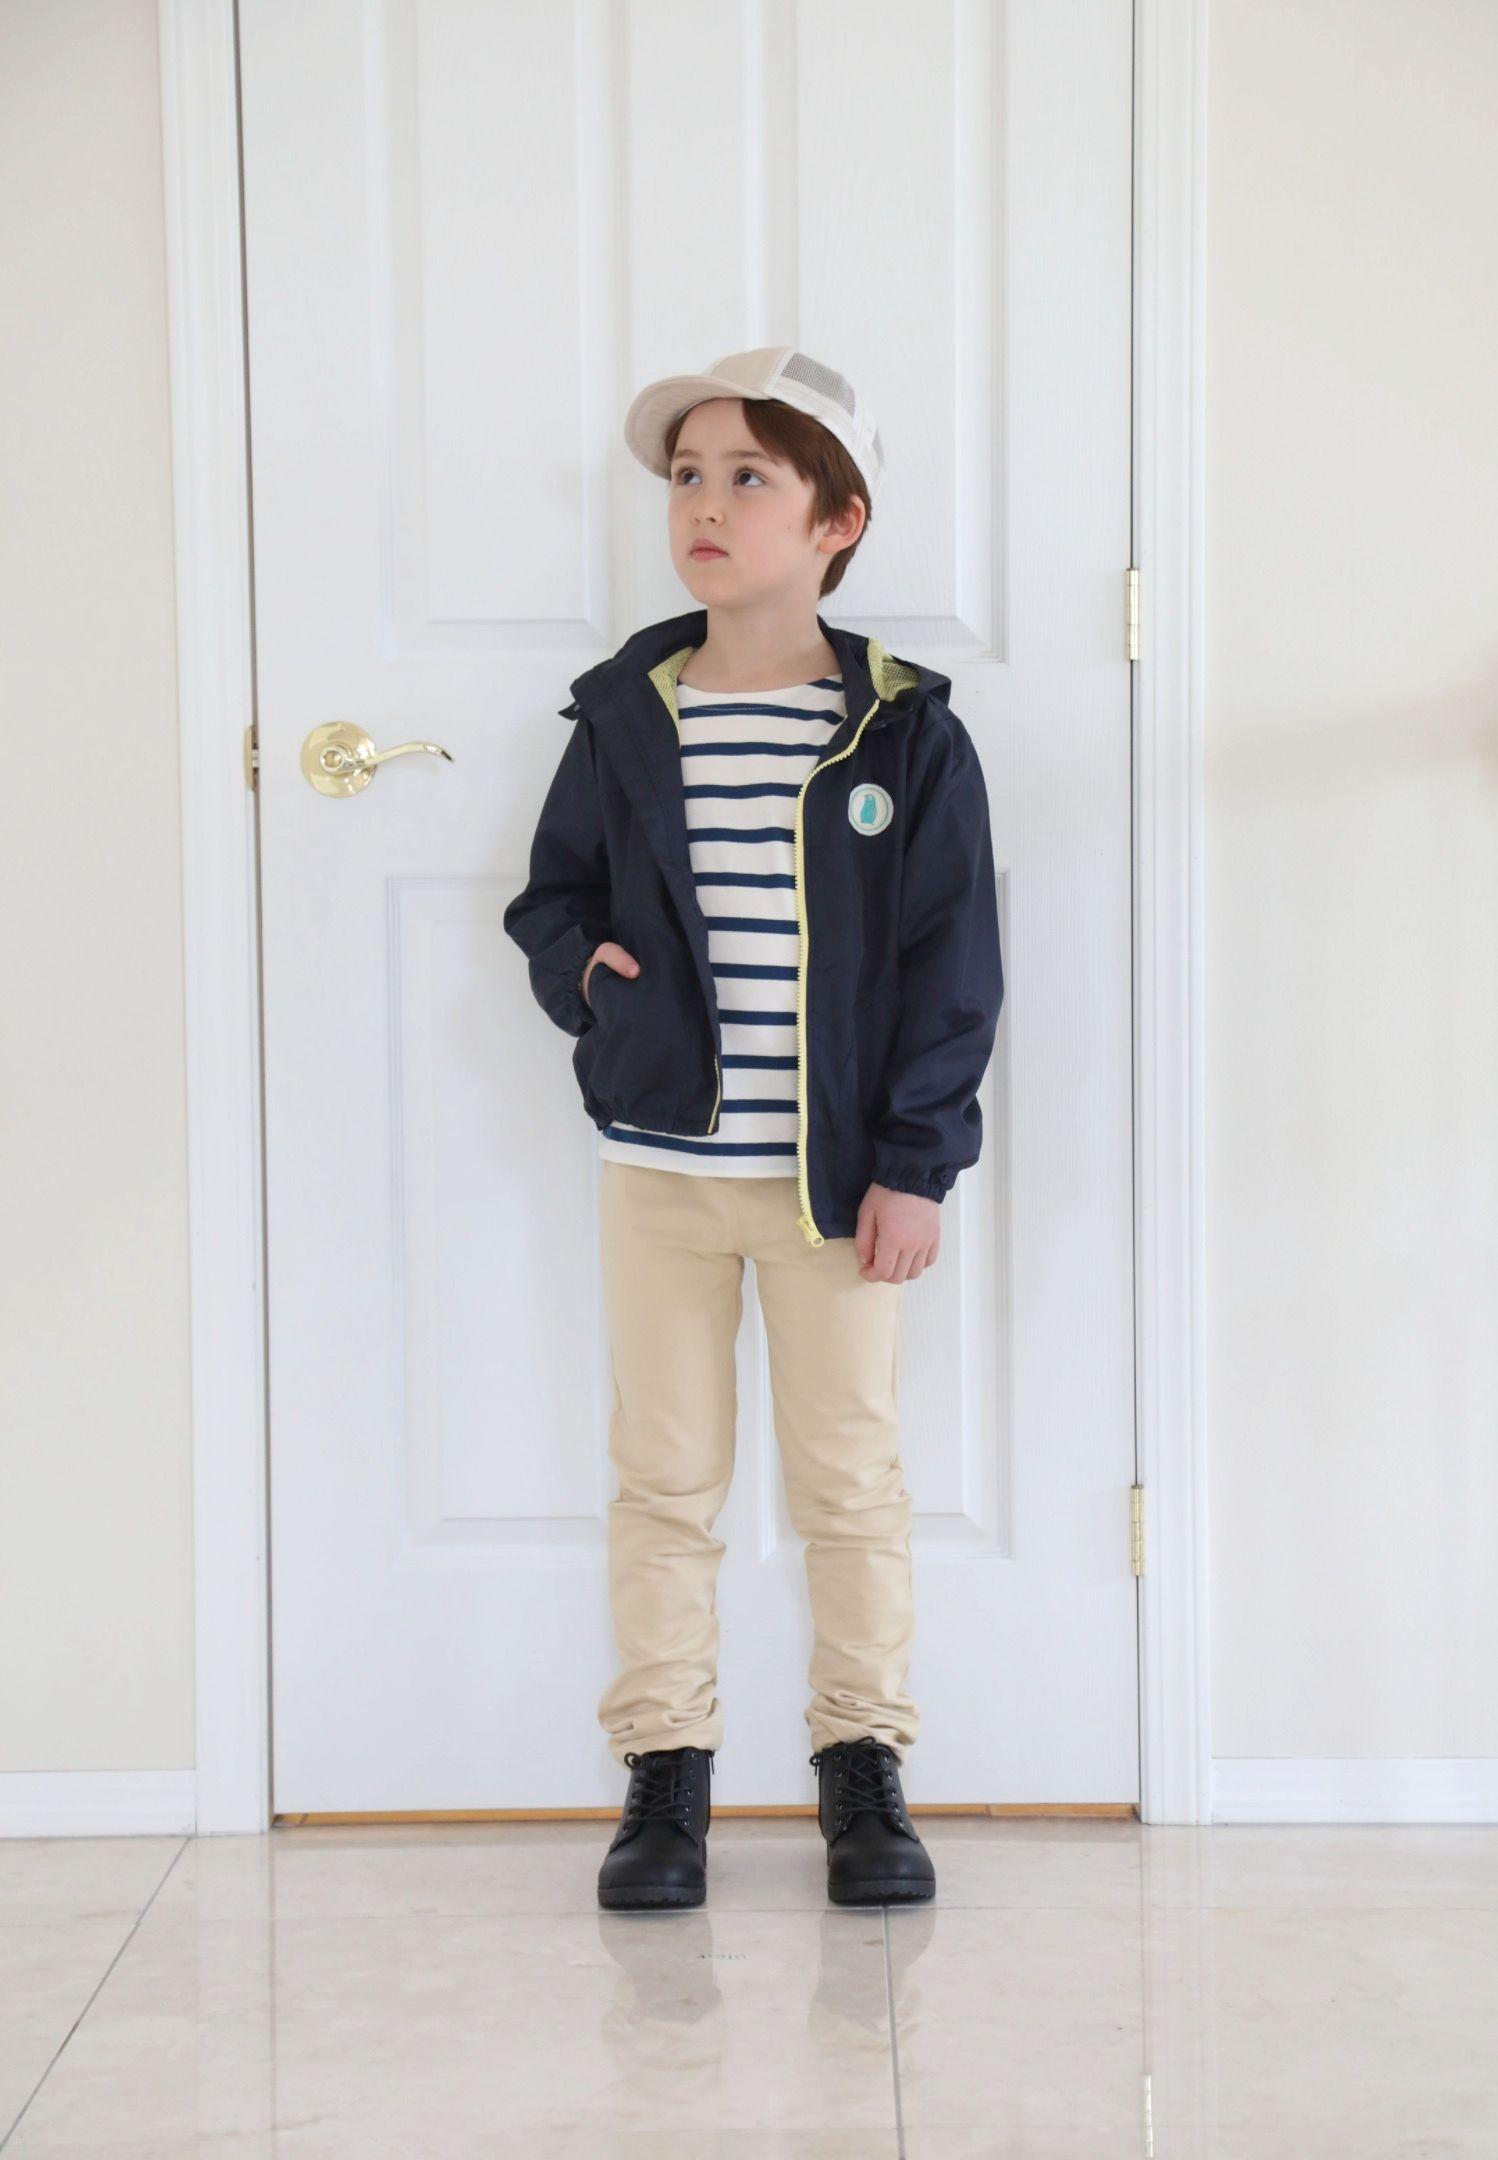 ウインドブレーカー子供服